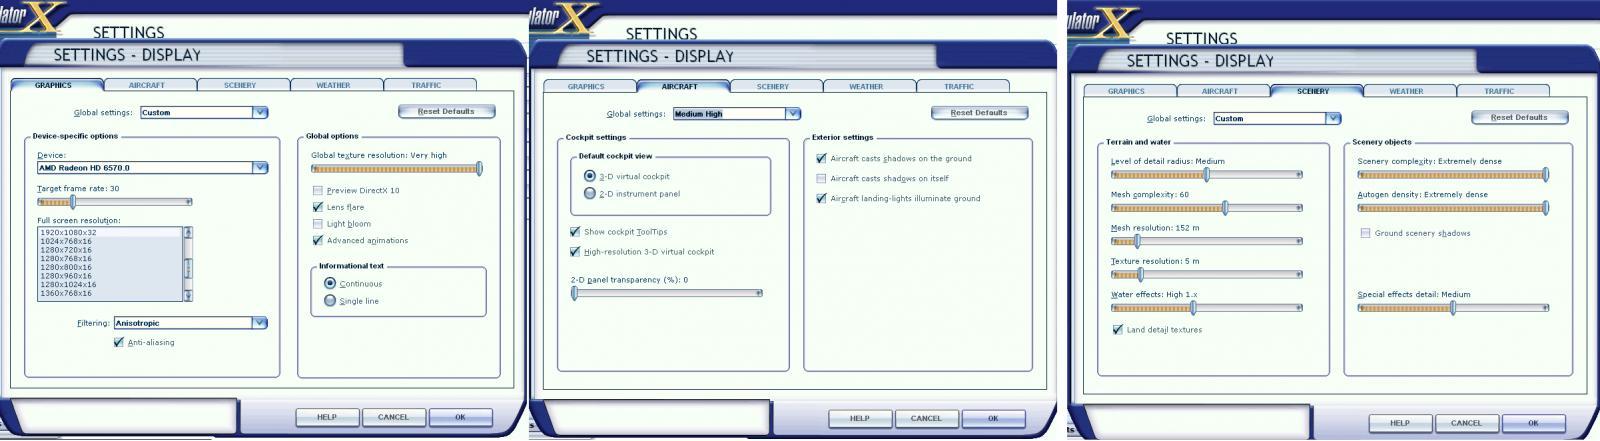 İsim:  setting.jpg Görüntüleme: 485 Büyüklük:  110.0 KB (Kilobyte)